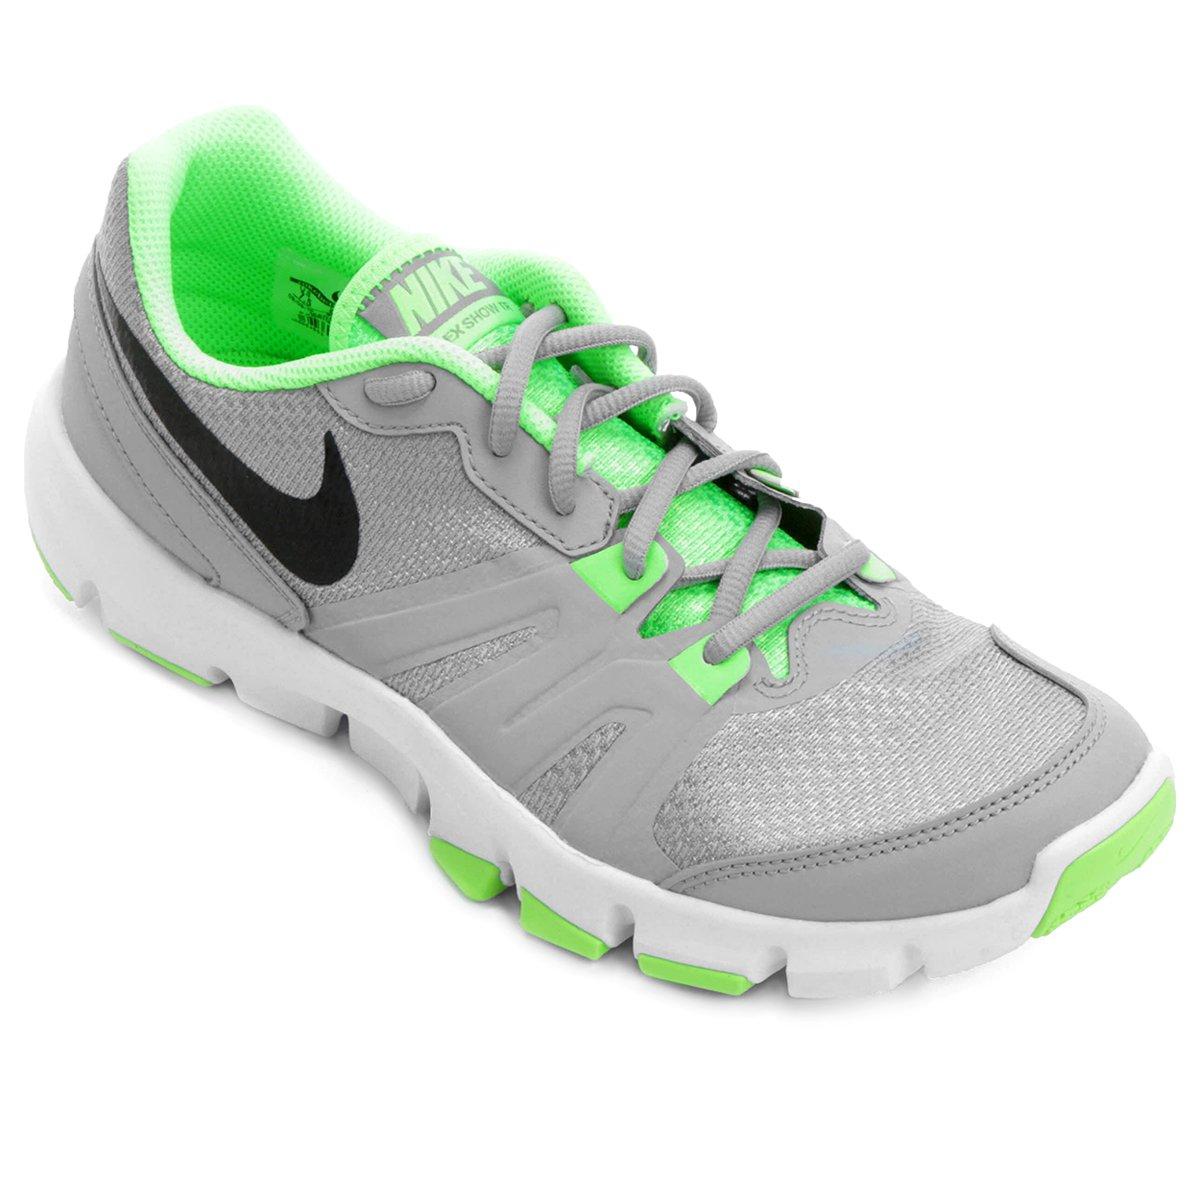 417087ce123 Tênis Nike Flex Show Tr 4 Msl Masculino - Compre Agora